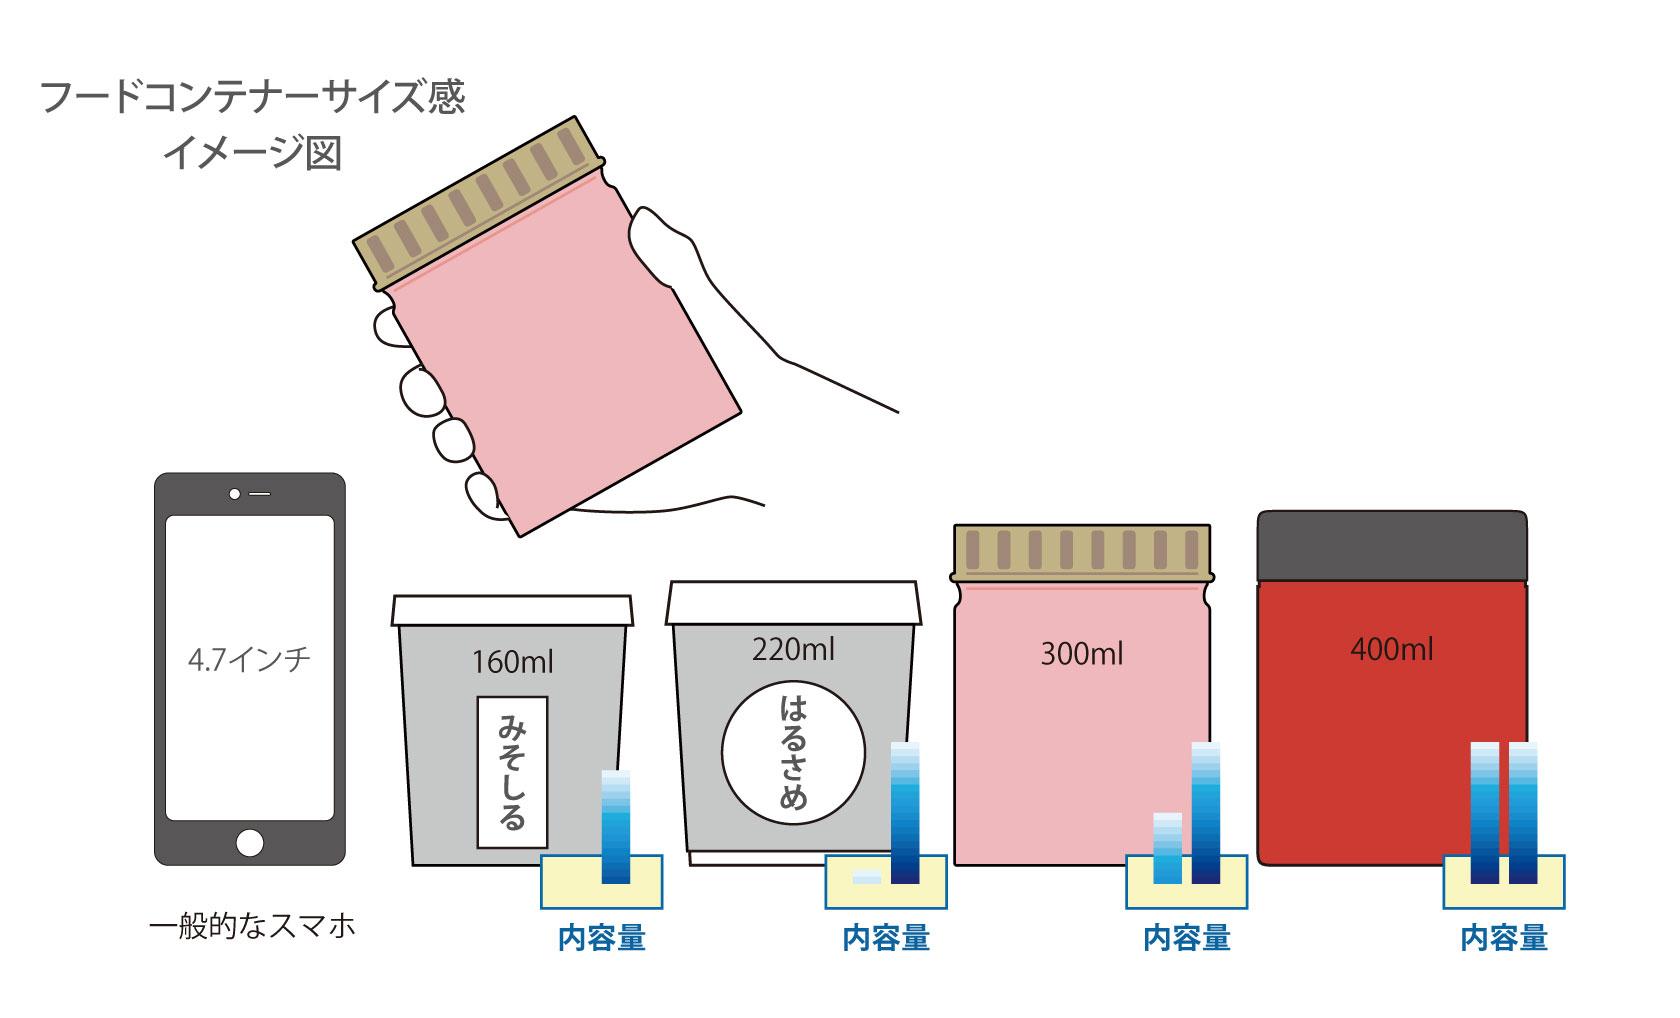 フードコンテナーサイズ感 イメージ図